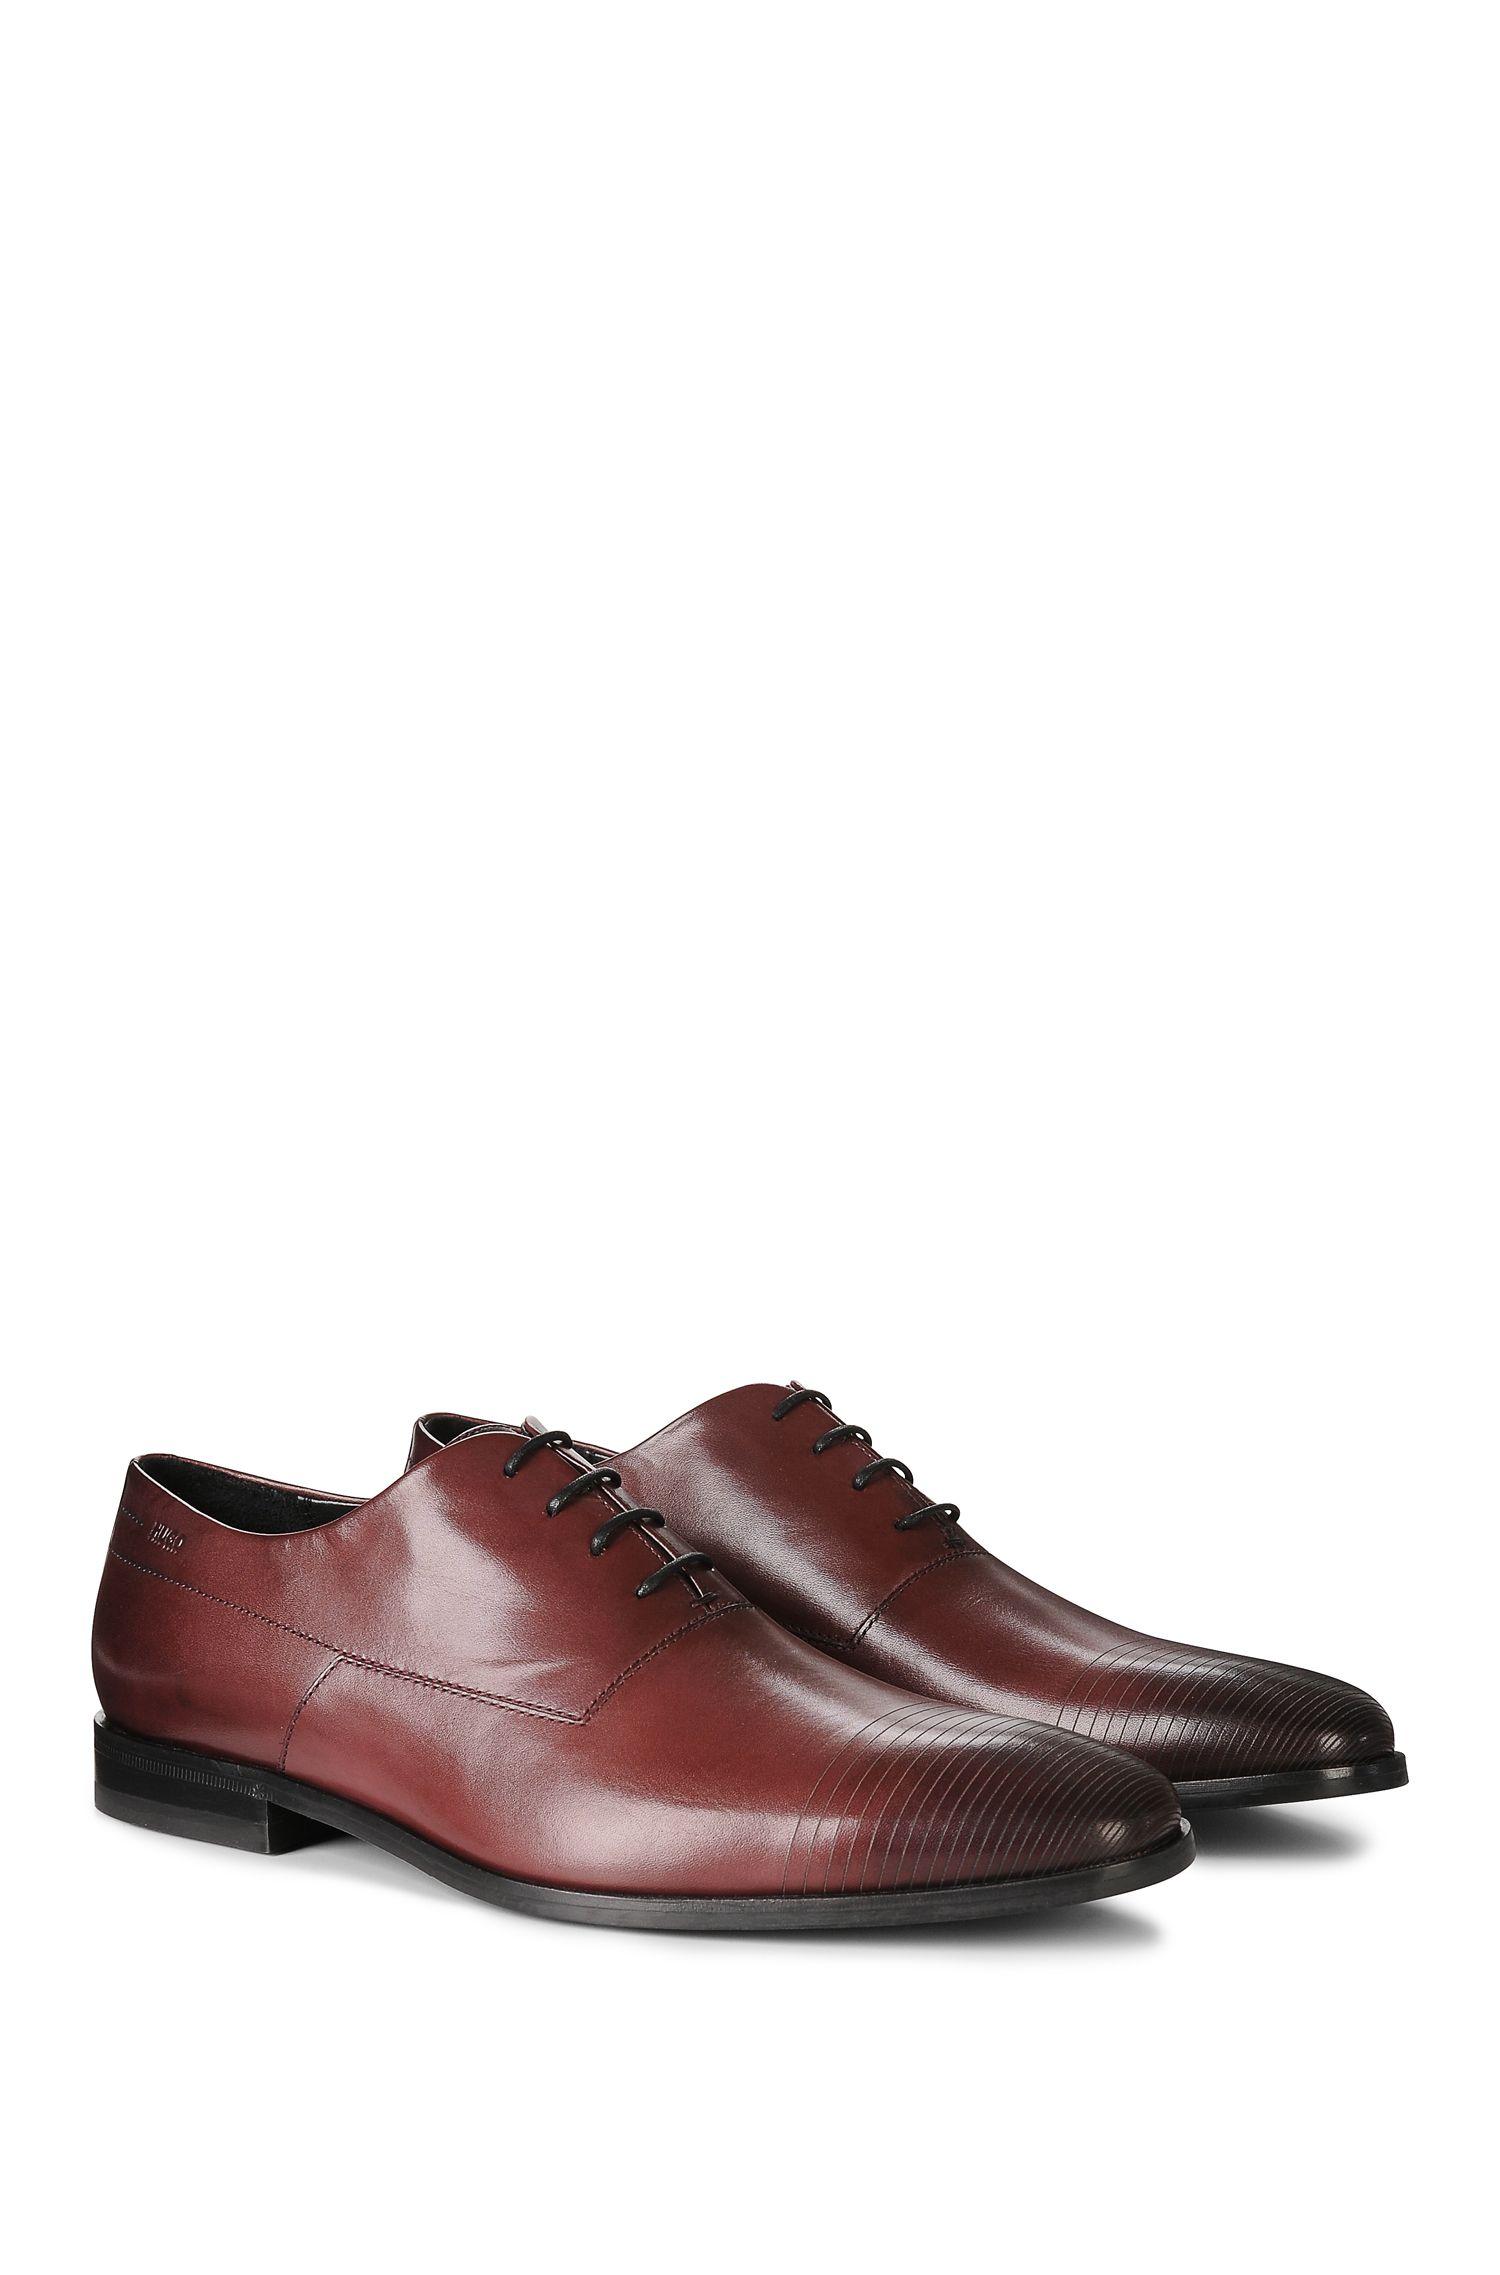 'Square Oxfr ltls' | Calfskin Scored Toe Oxford Dress Shoes